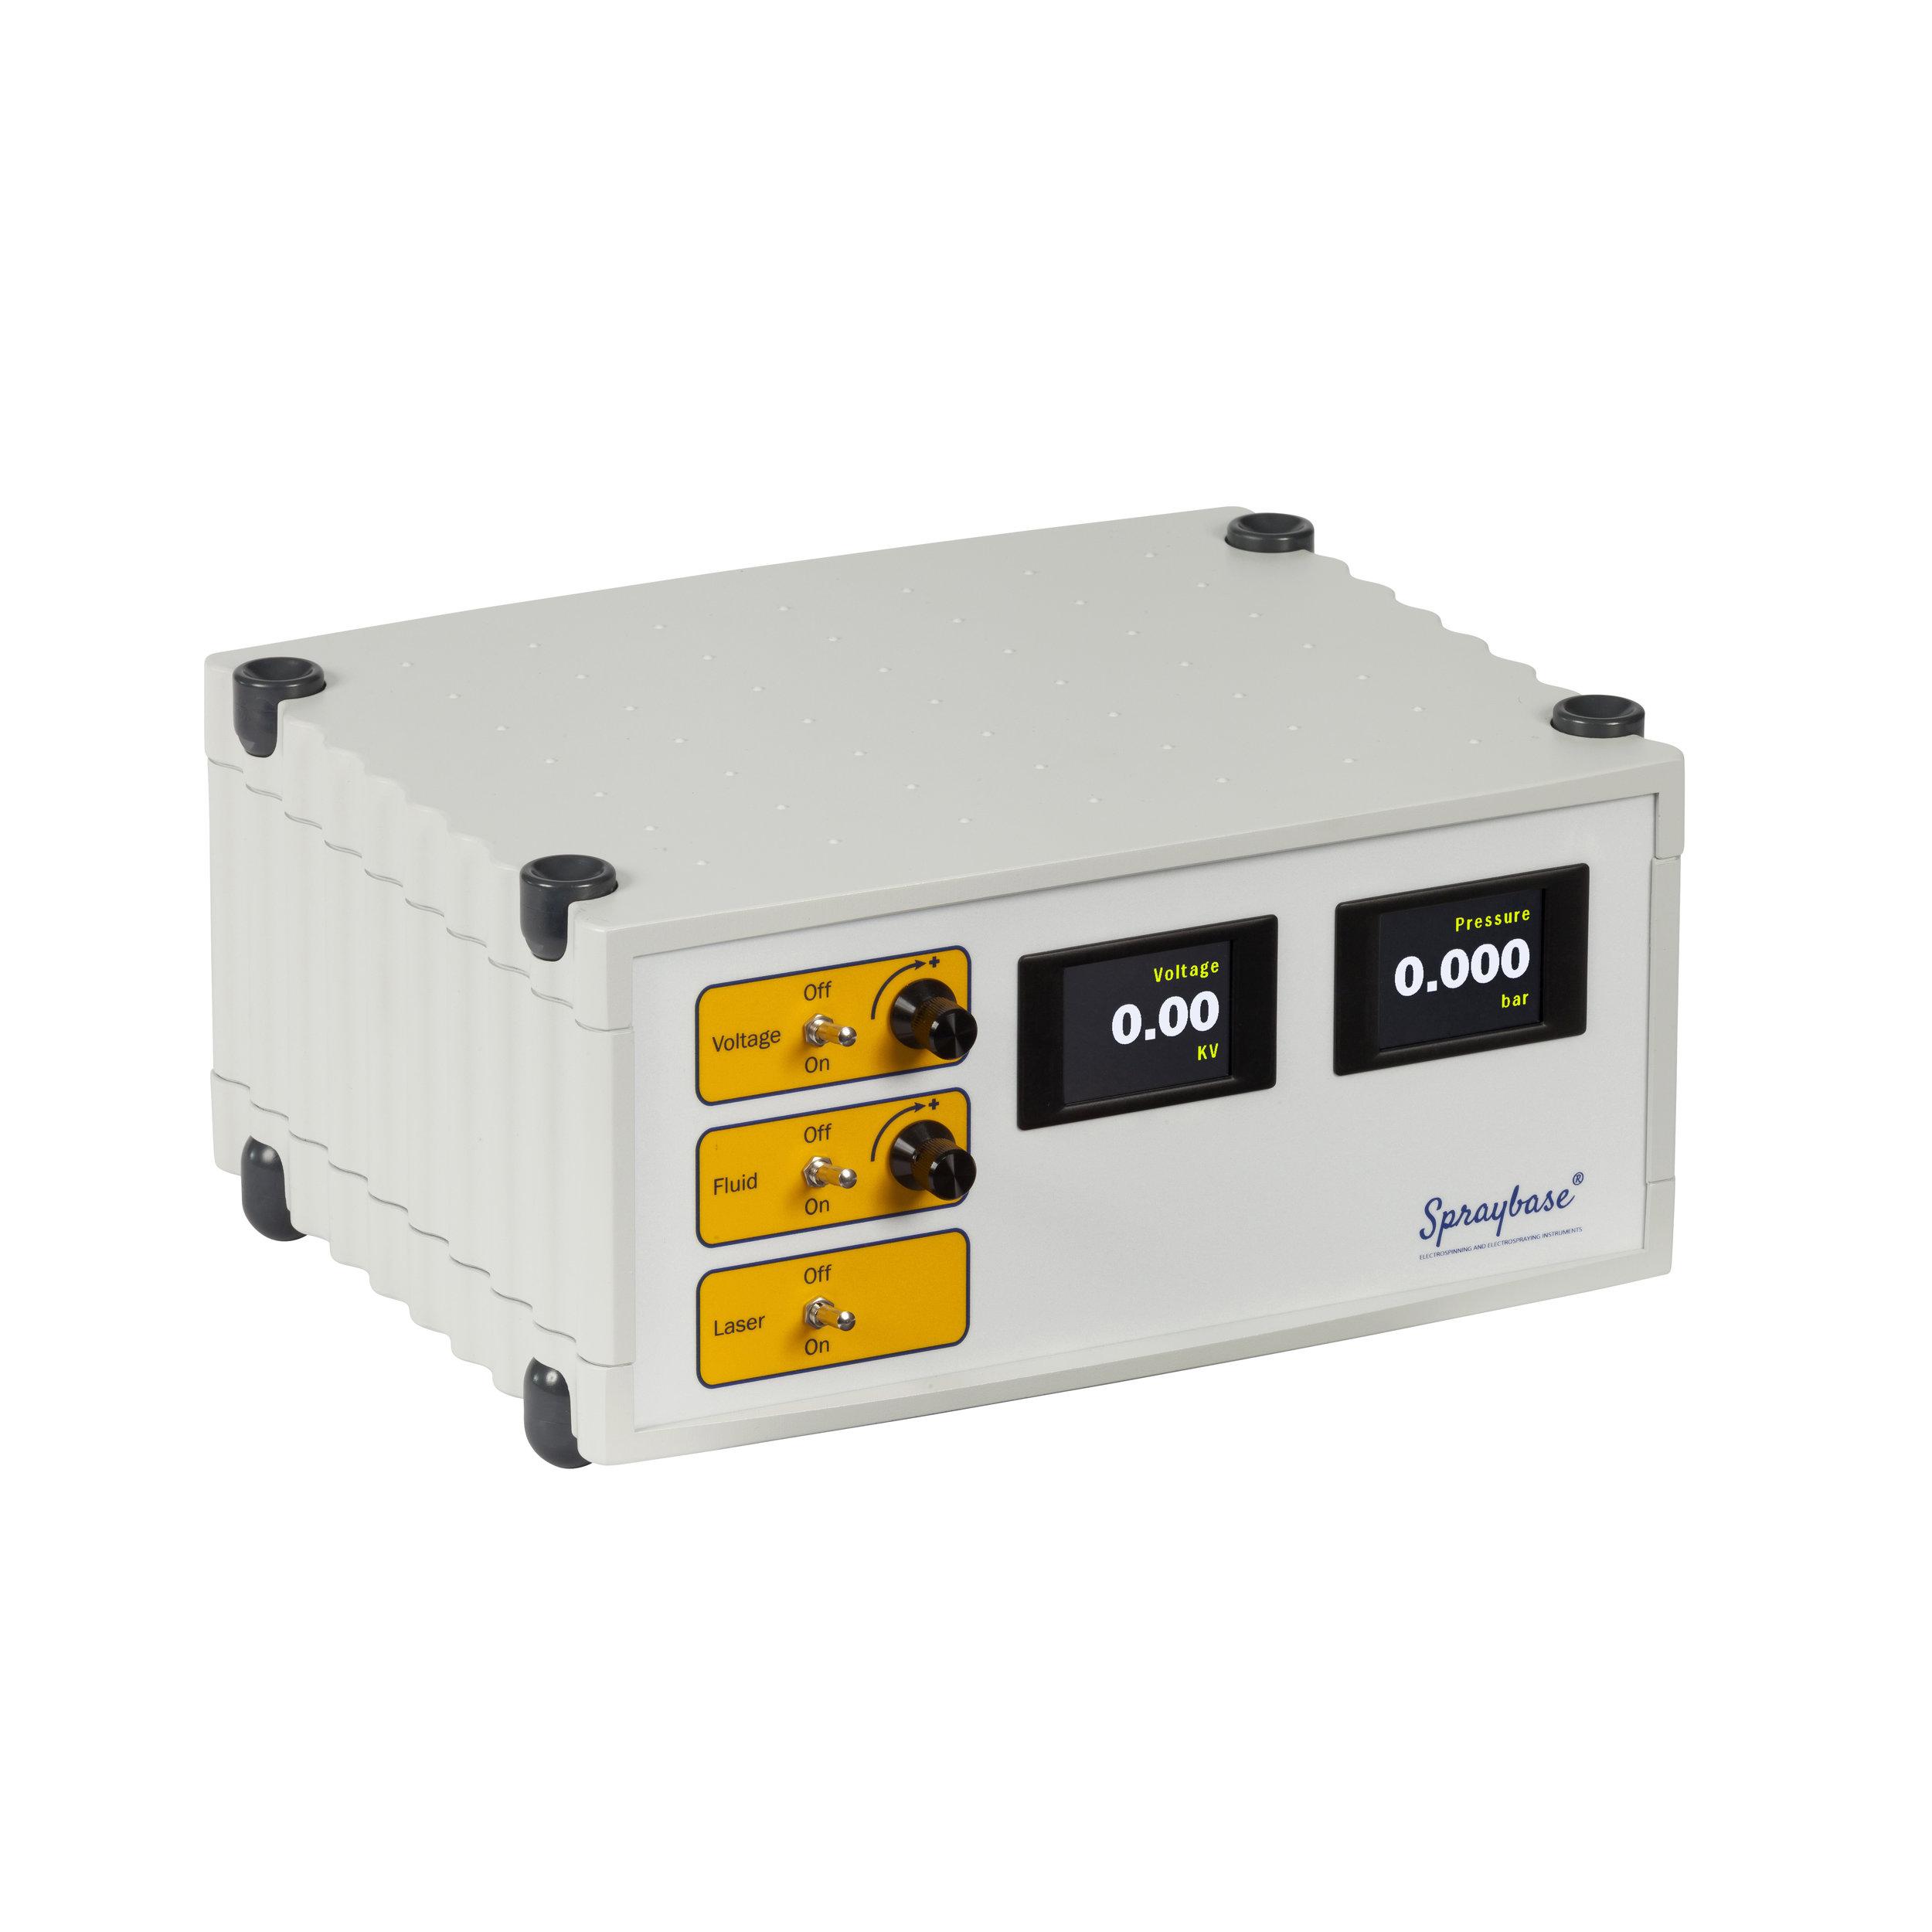 Spraybase® 20 kV, 1 bar Power Supply Controller   A-0047-0001-01